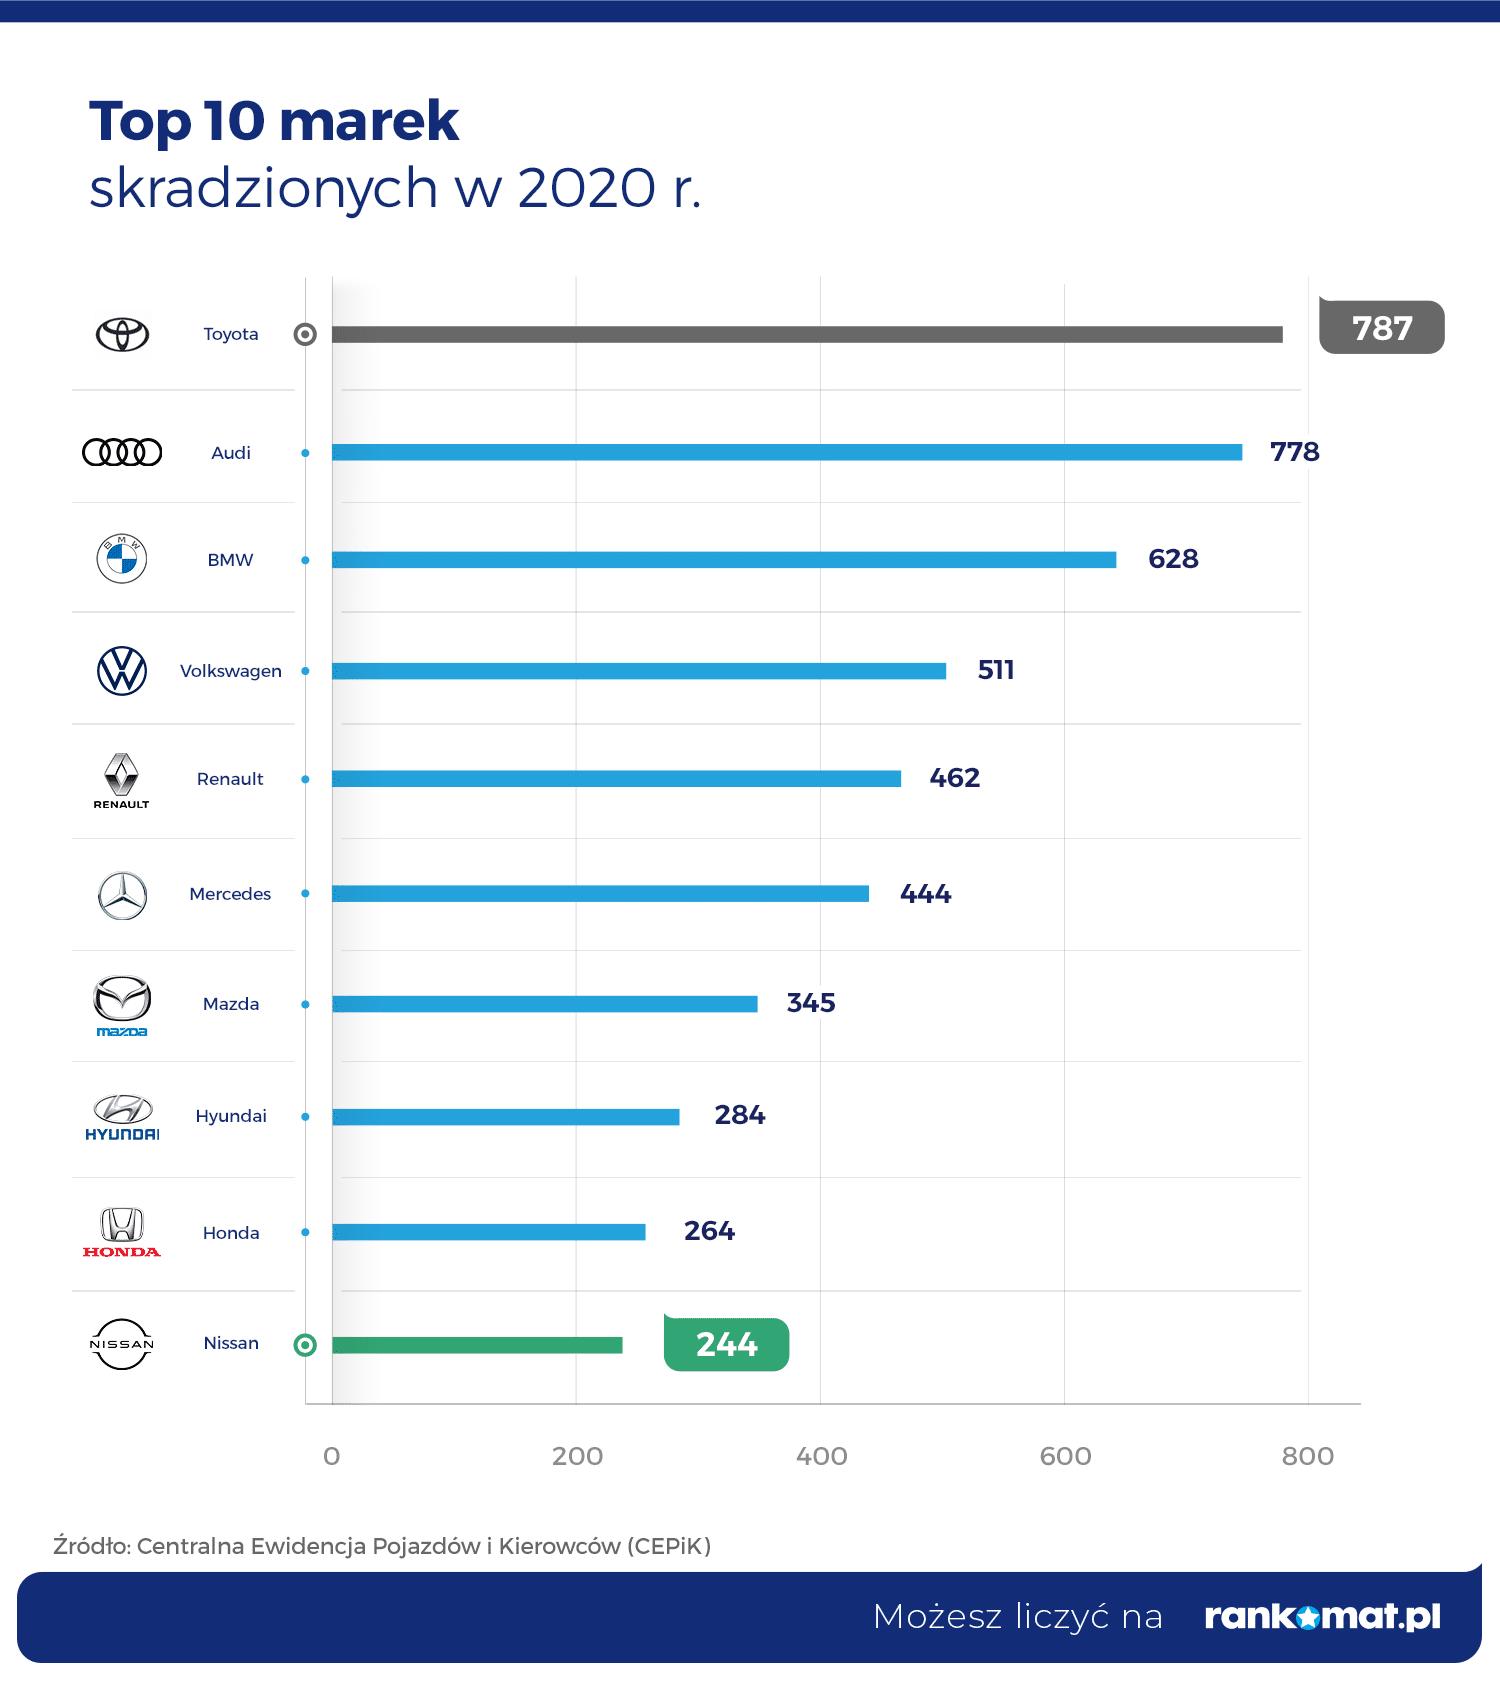 Top 10 marek skradzionych w 2020 r.nazwy